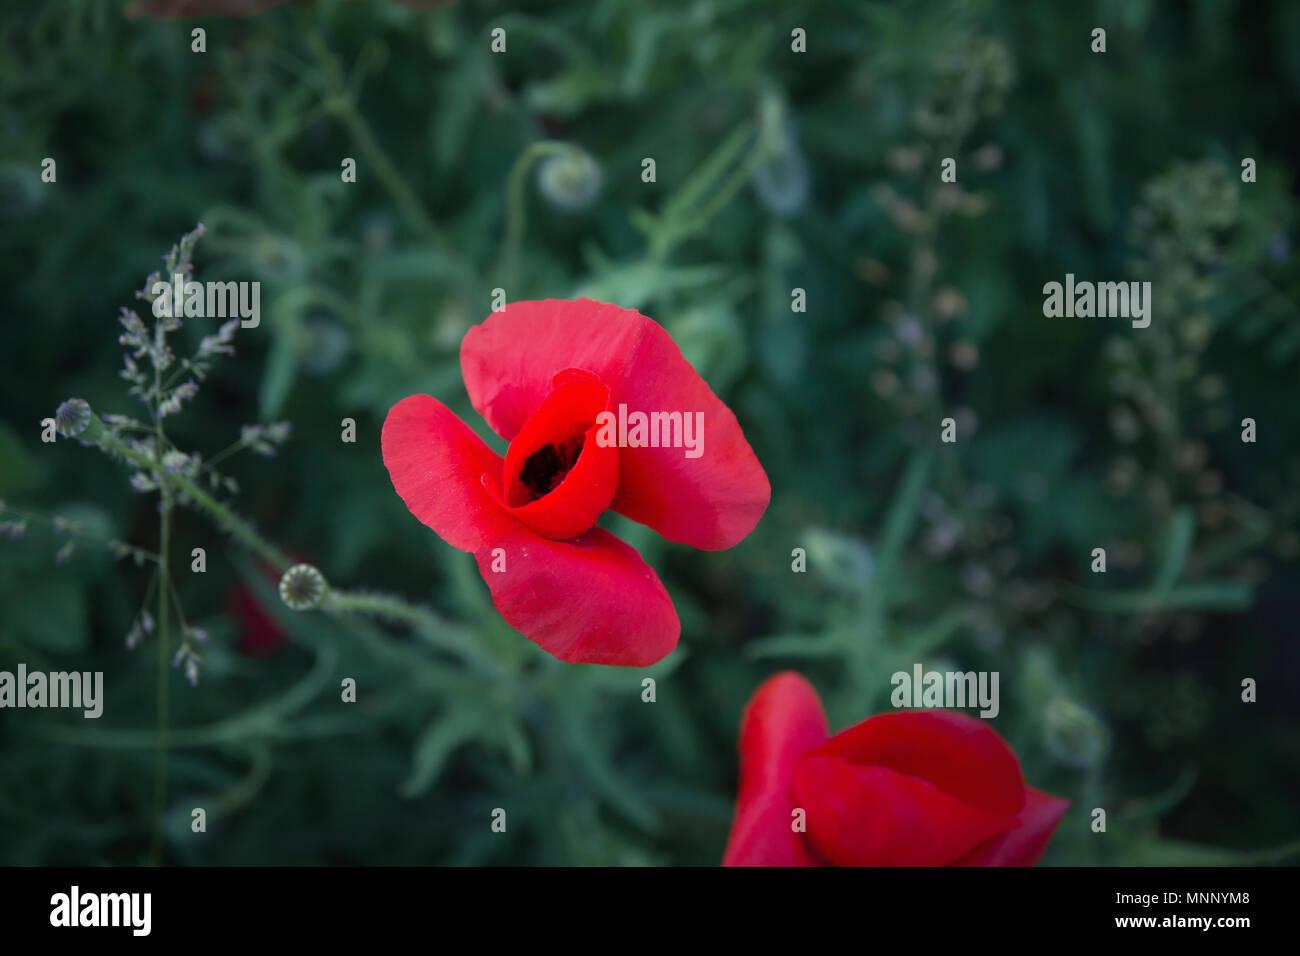 Wild Poppies Flowers On Meadow Stock Photo 185494184 Alamy